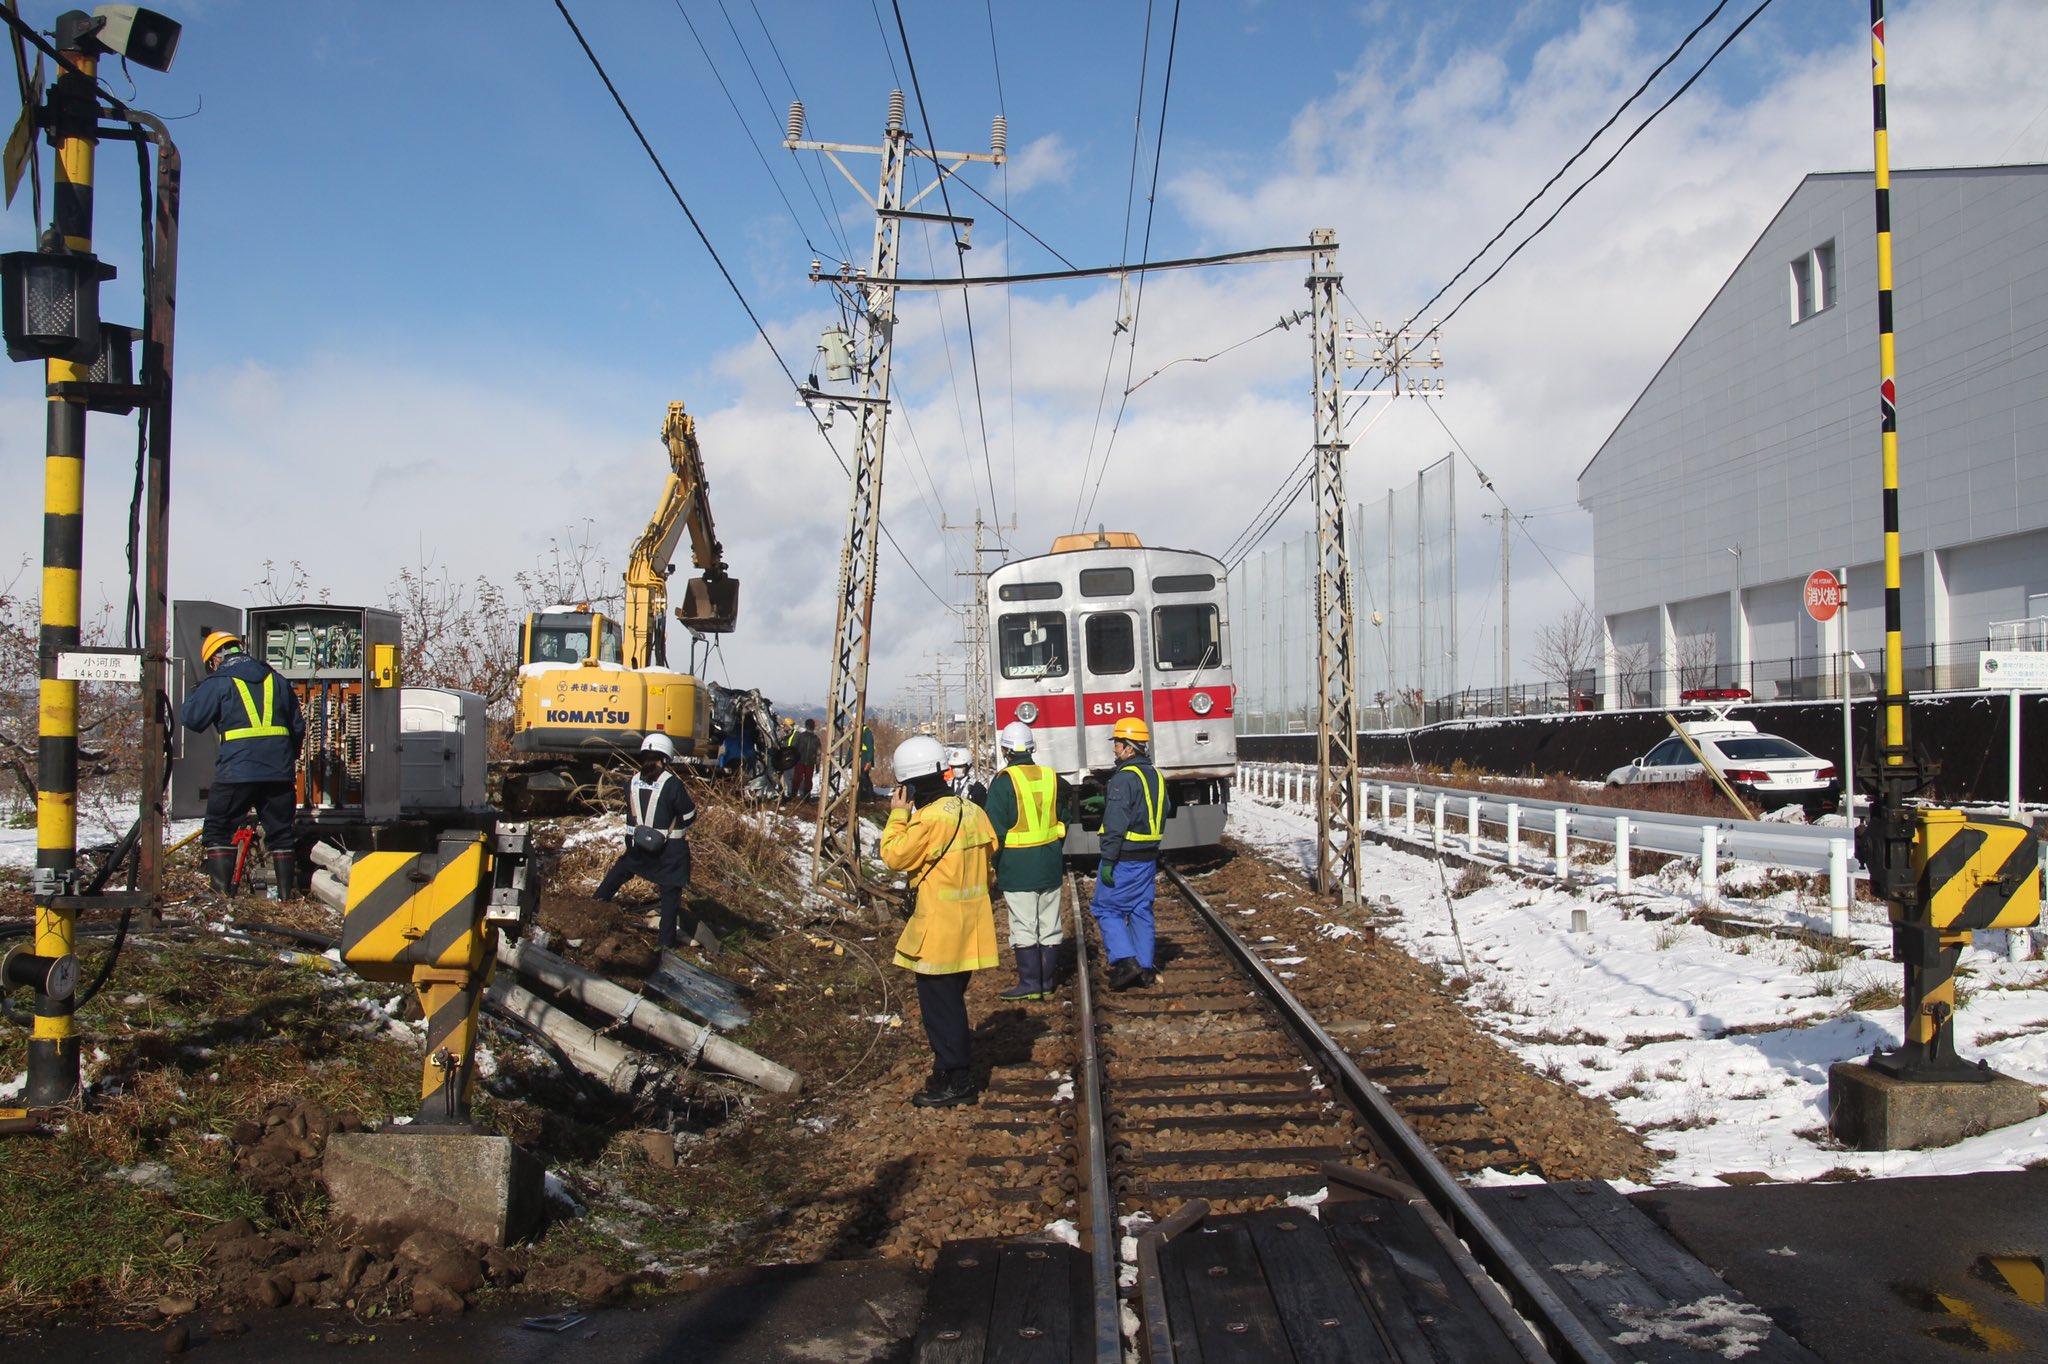 【長野電鉄】踏切事故で車と電柱が大破 当該の8500系T5編成は廃車か?